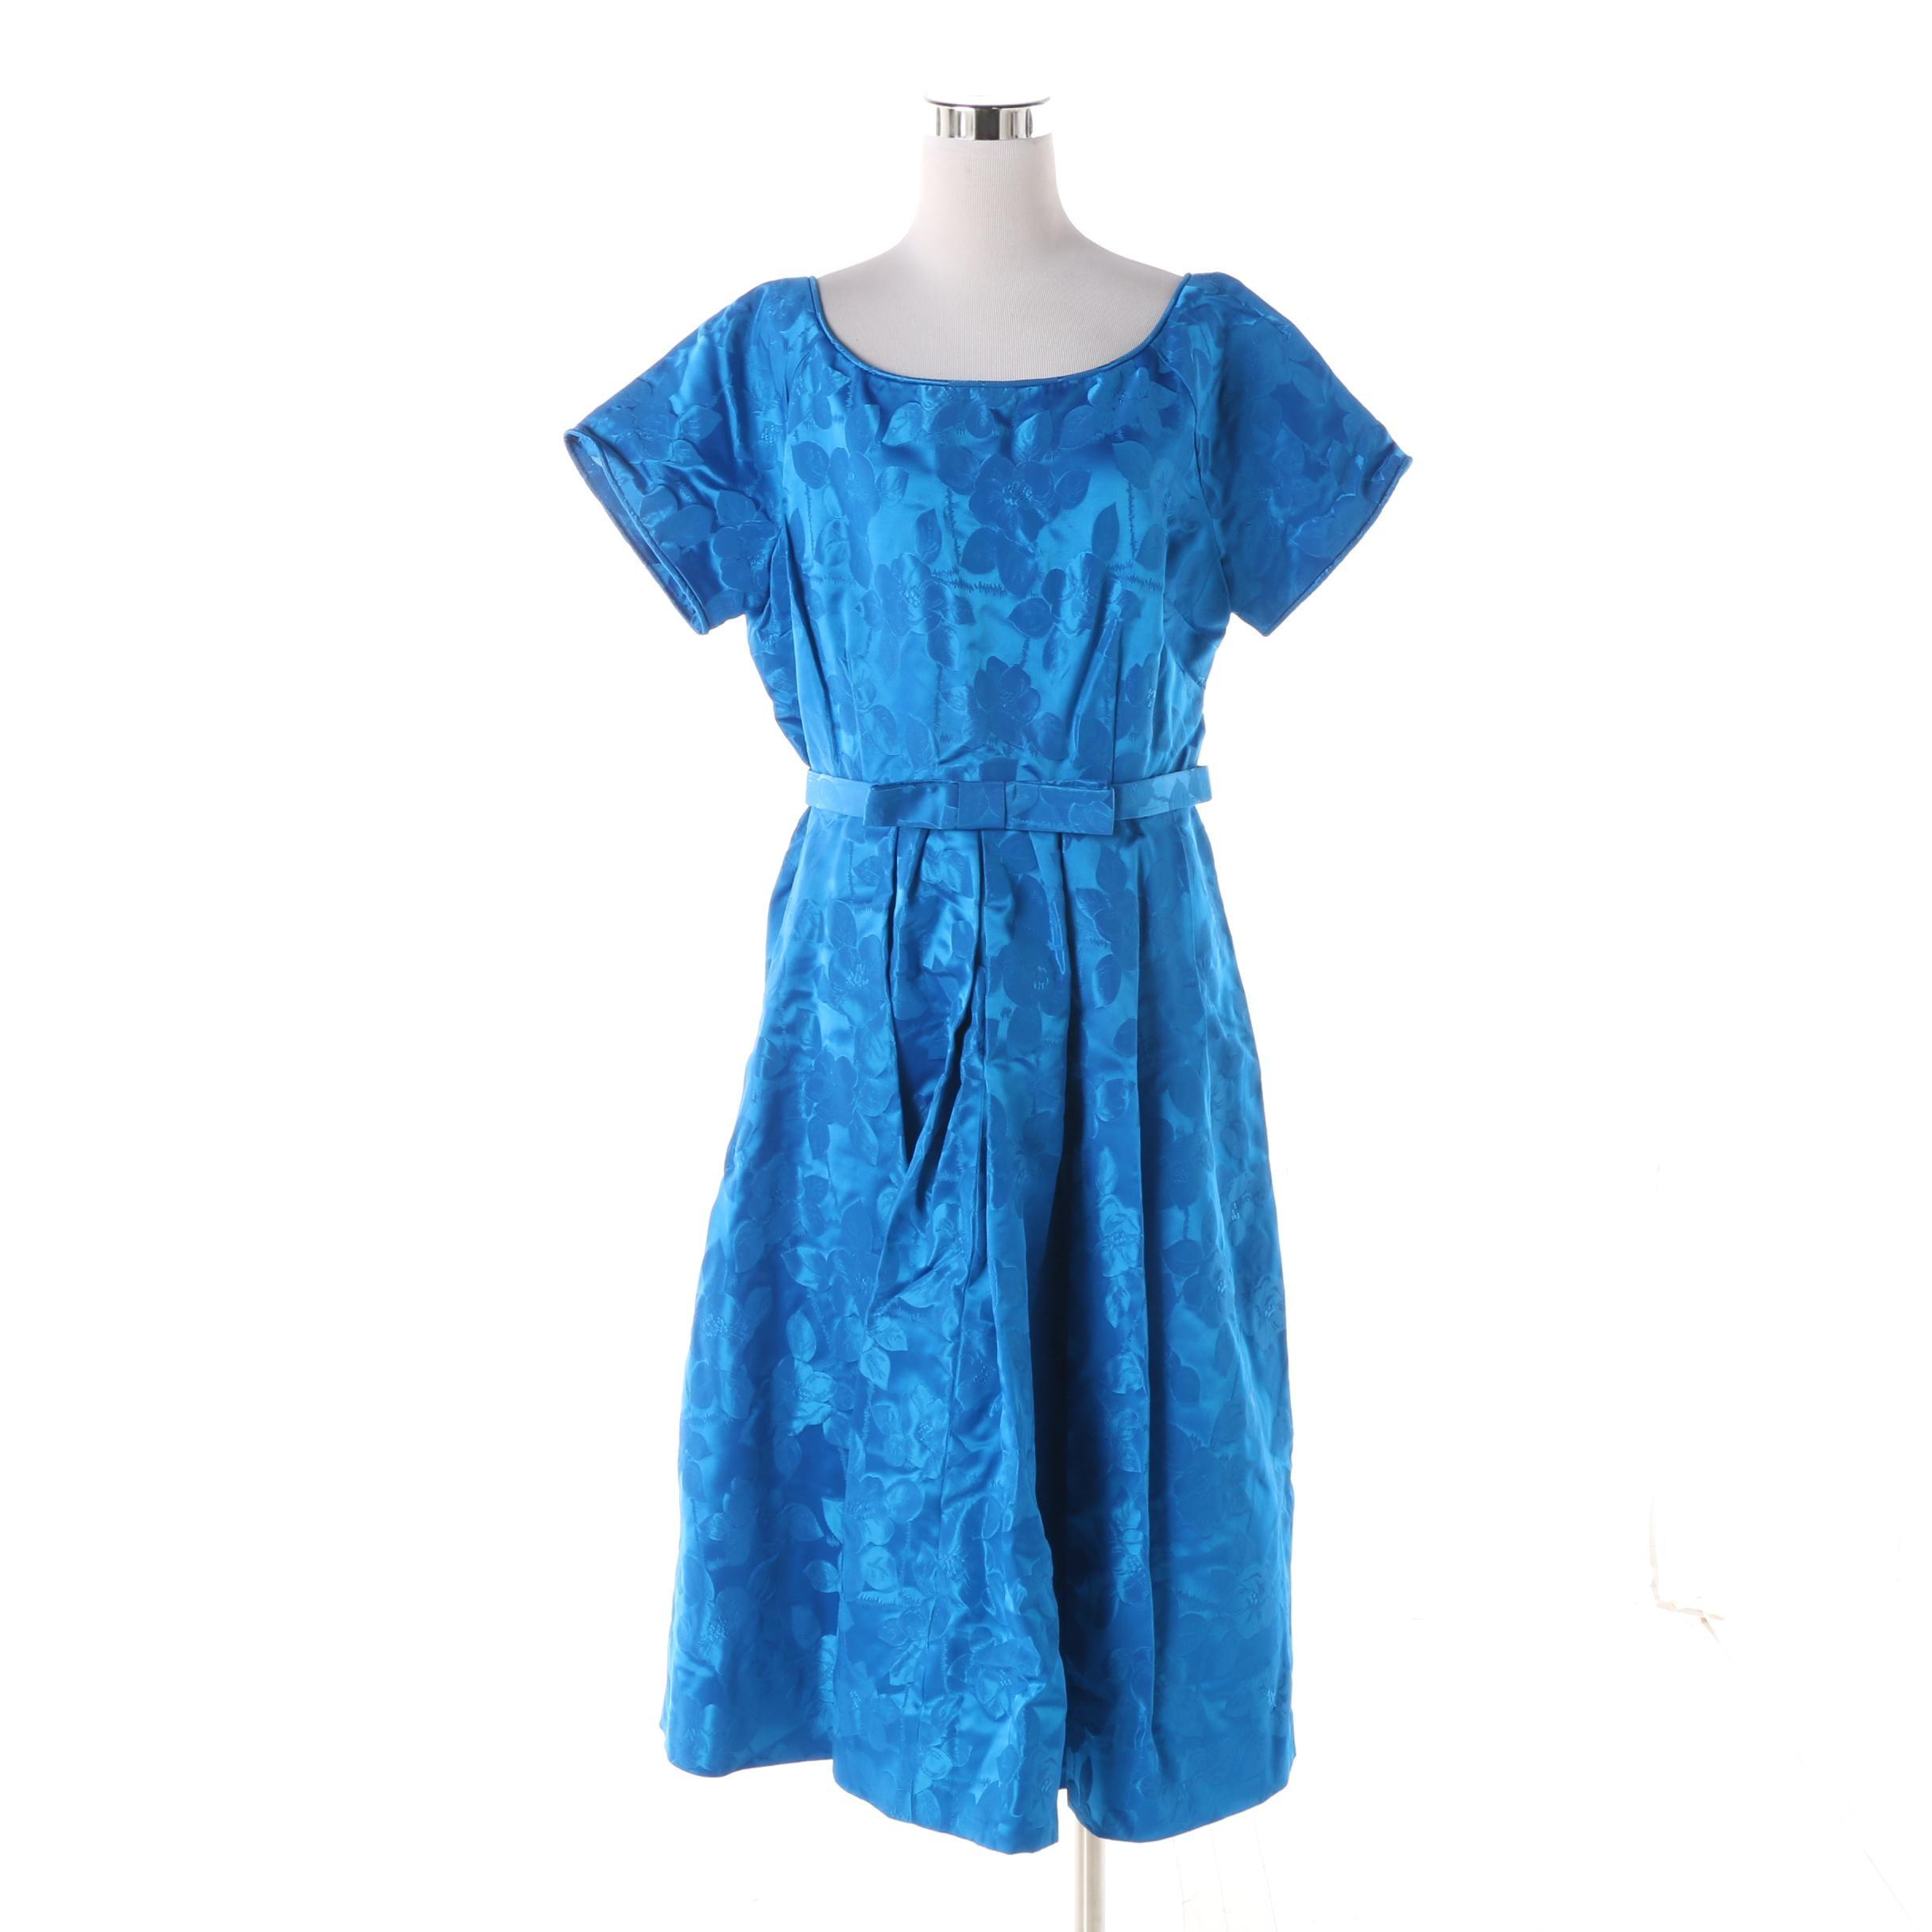 1950s Vintage Blue Floral Satin Brocade Occasion Dress